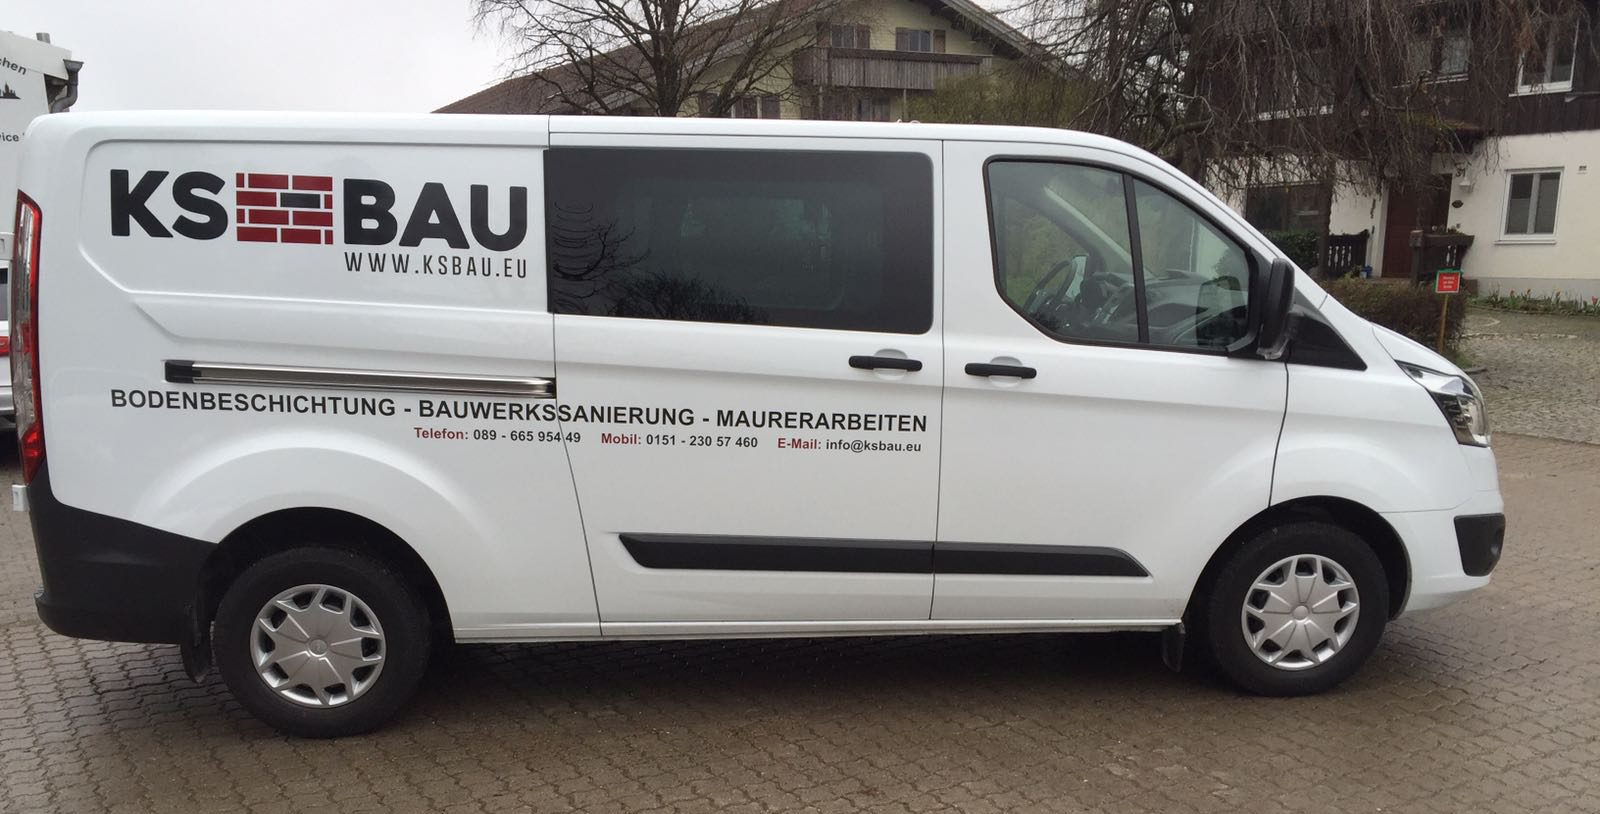 Autobeschriftung_Folie_Beklebung_Ingolstadt_München_Branding_3